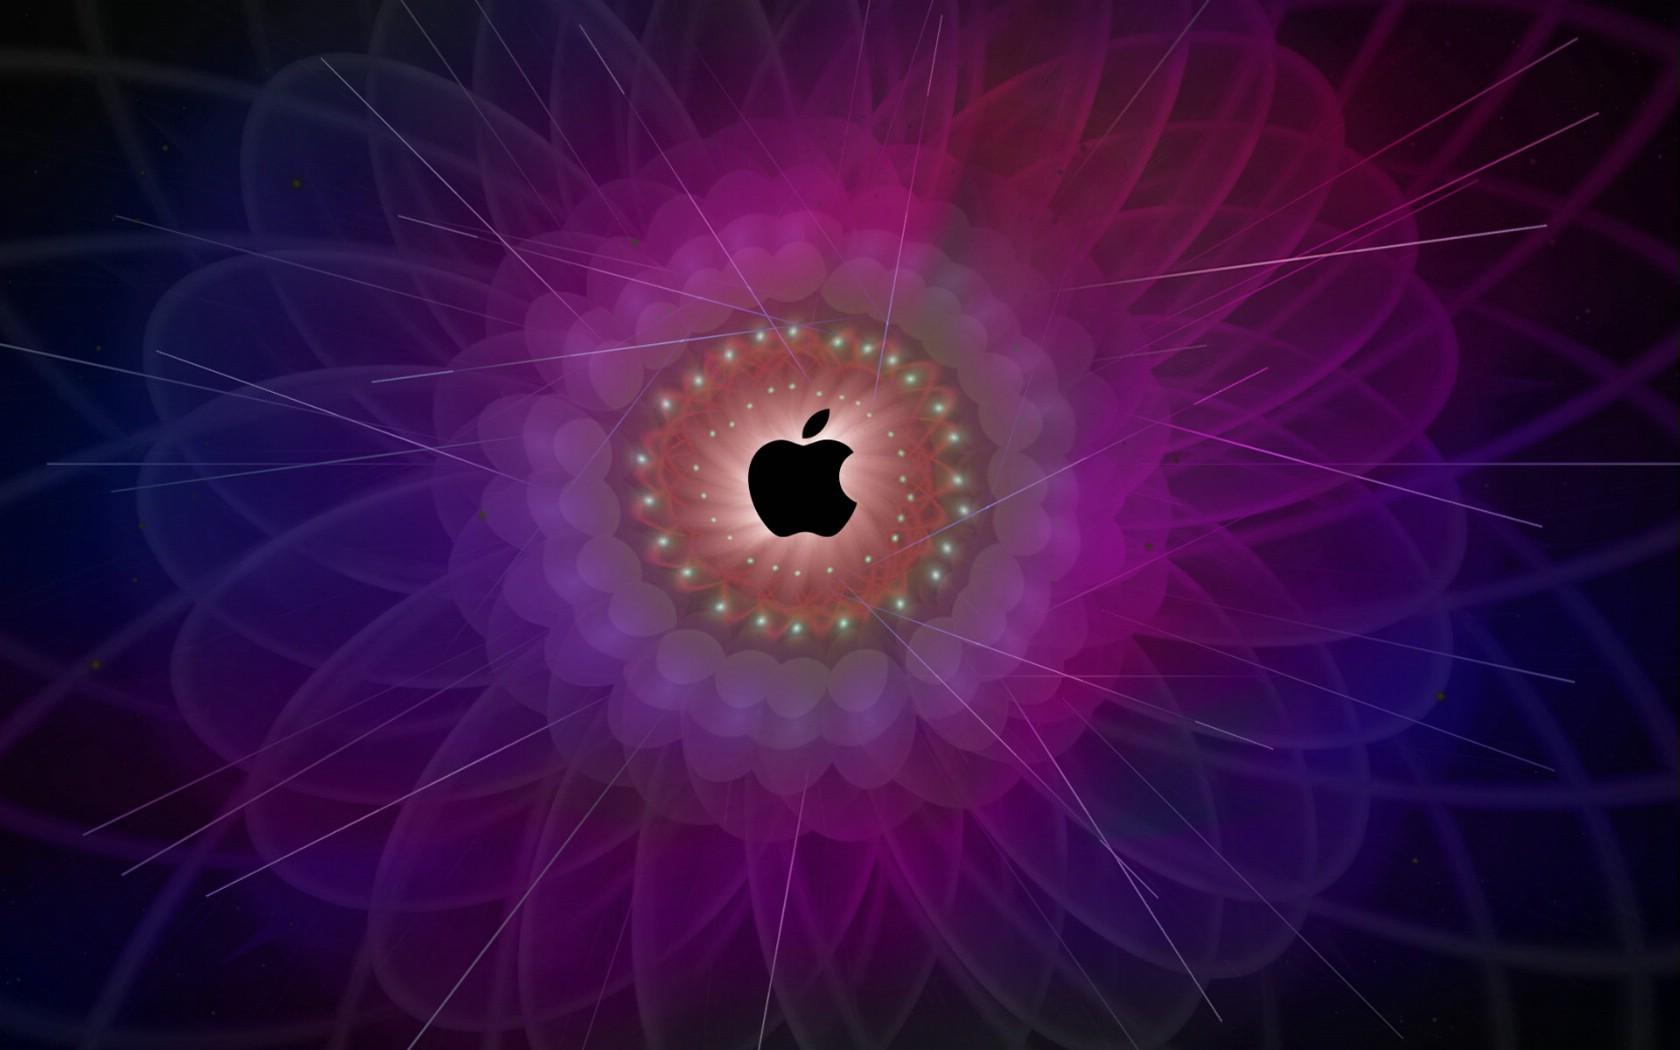 壁纸 主题/Apple主题80 8